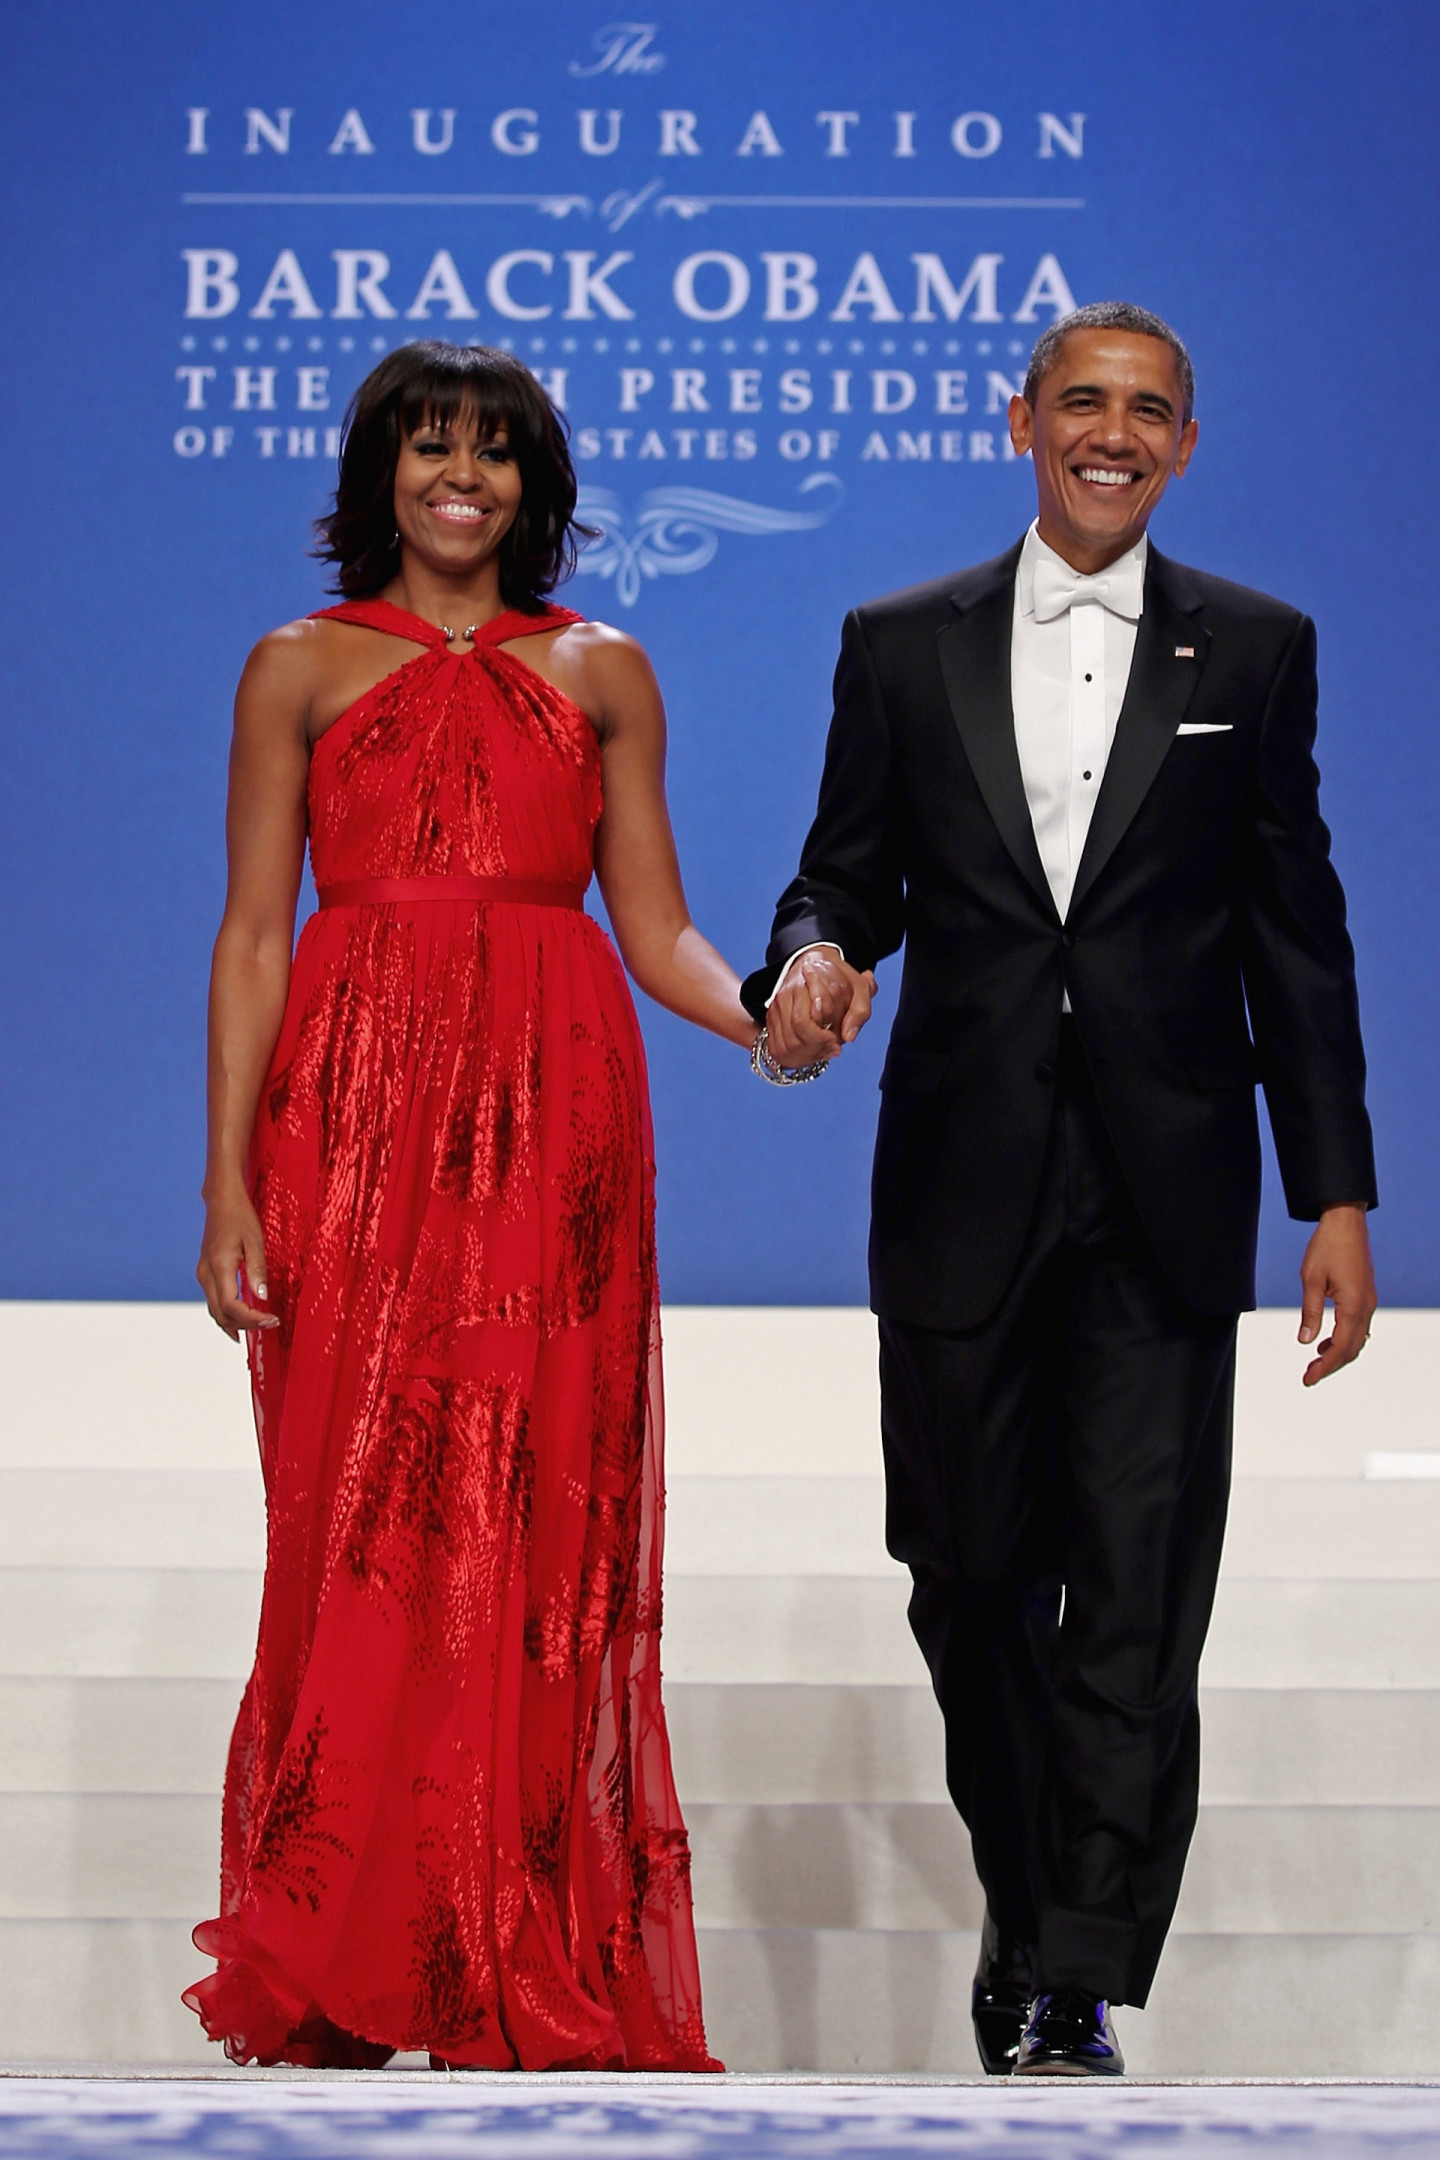 Мишель Обама в платье Jason Wu и Барак Обама в смокинге Hart Schaffner Marx, инаугурационный бал, 2013 год